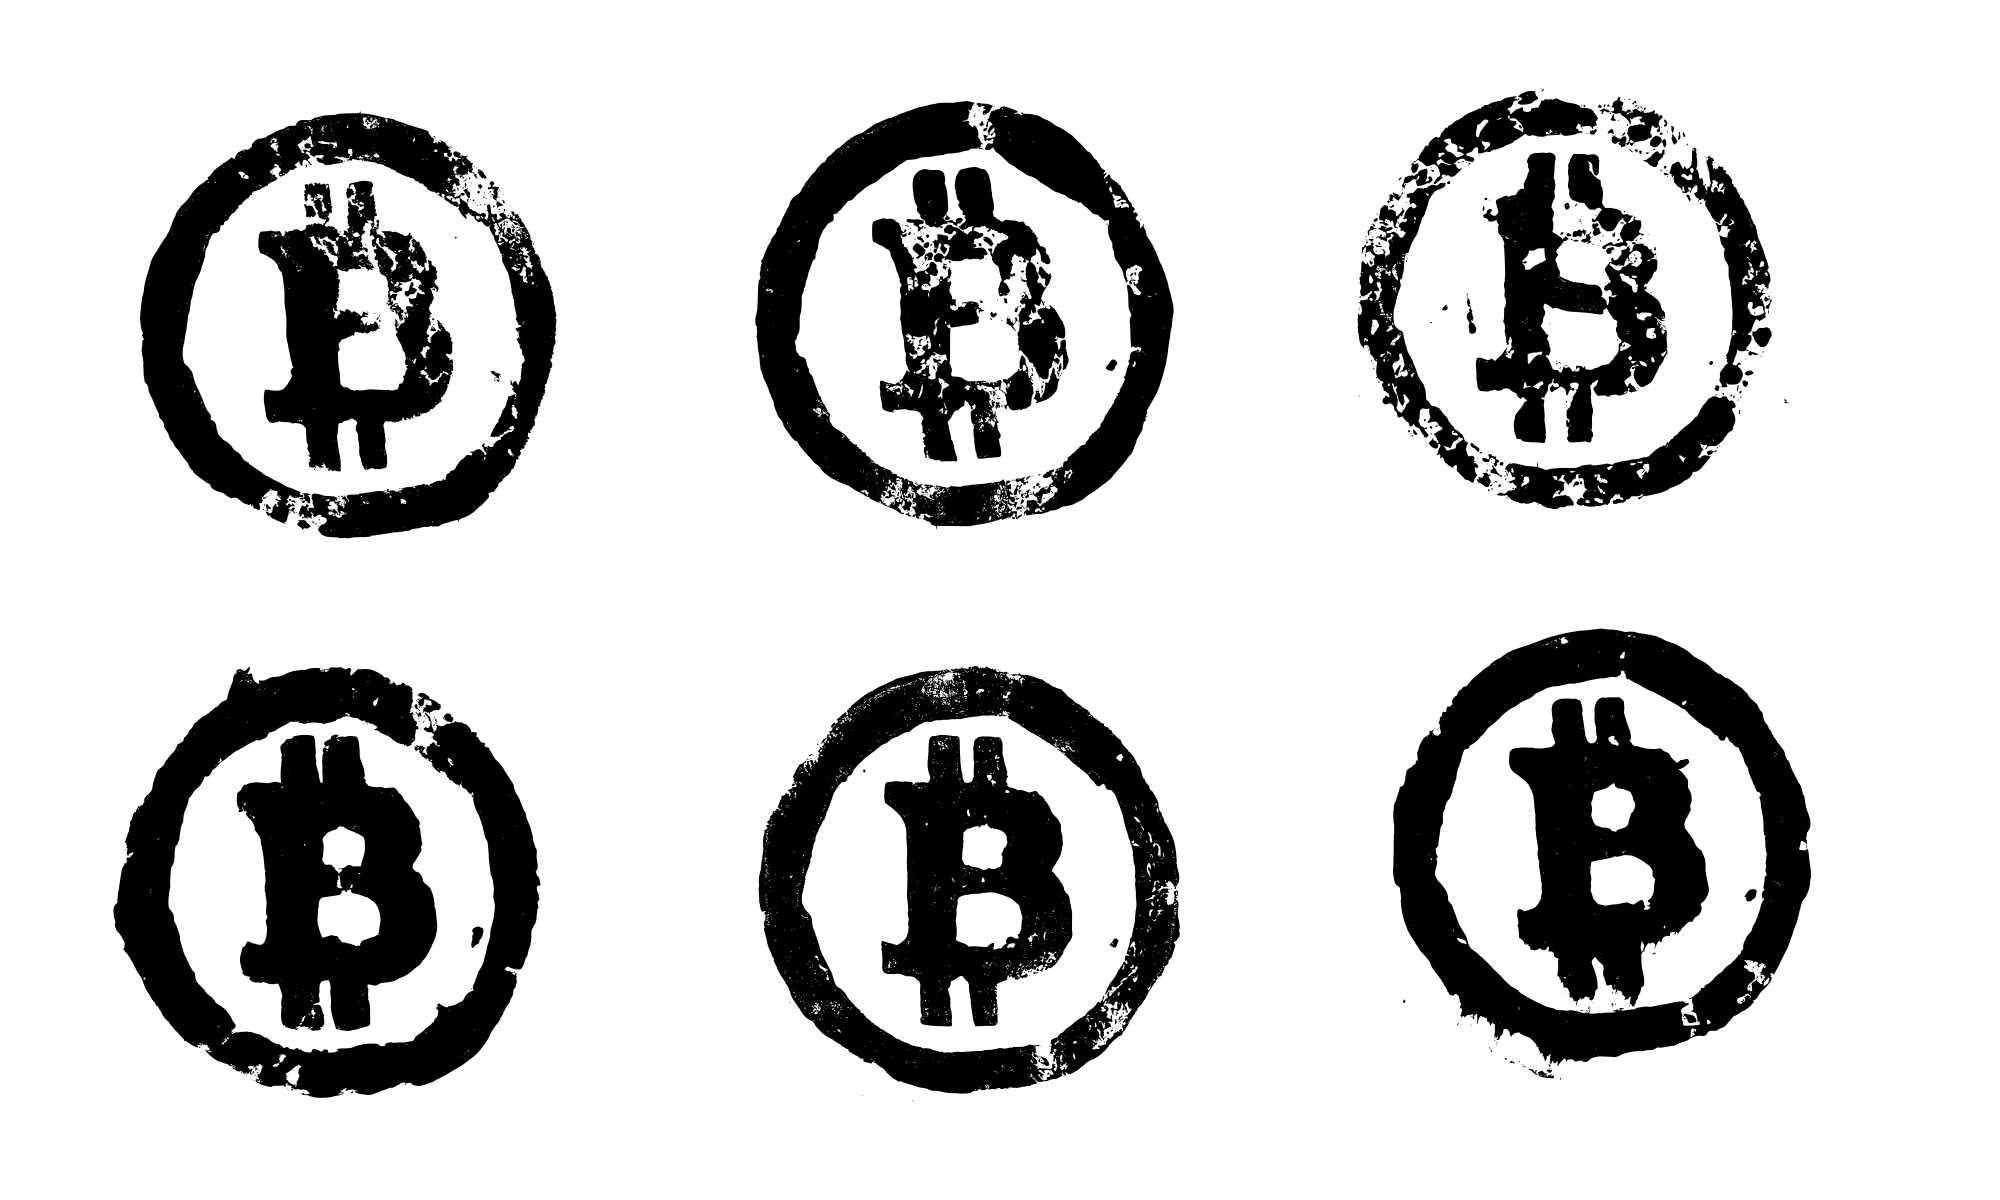 6-grunge-bitcoin-logo-cover.jpg